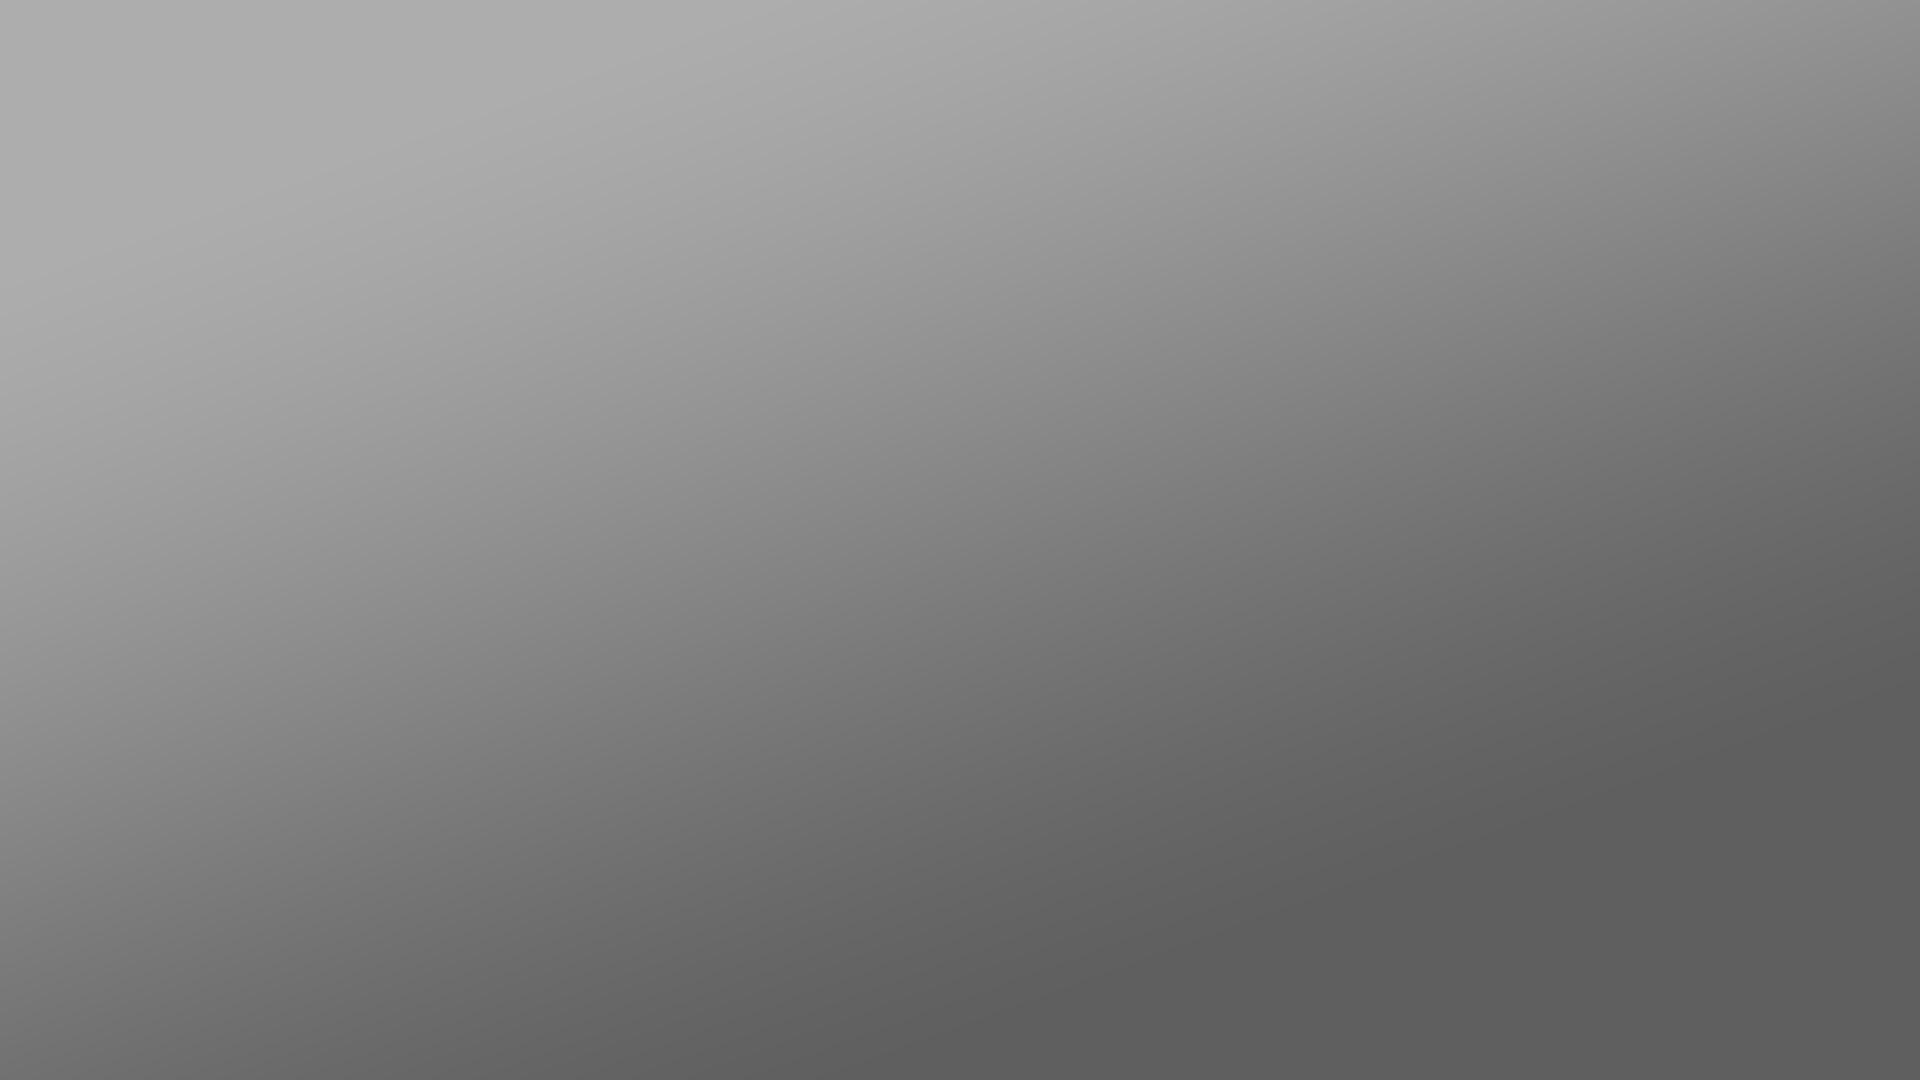 fondo-gris